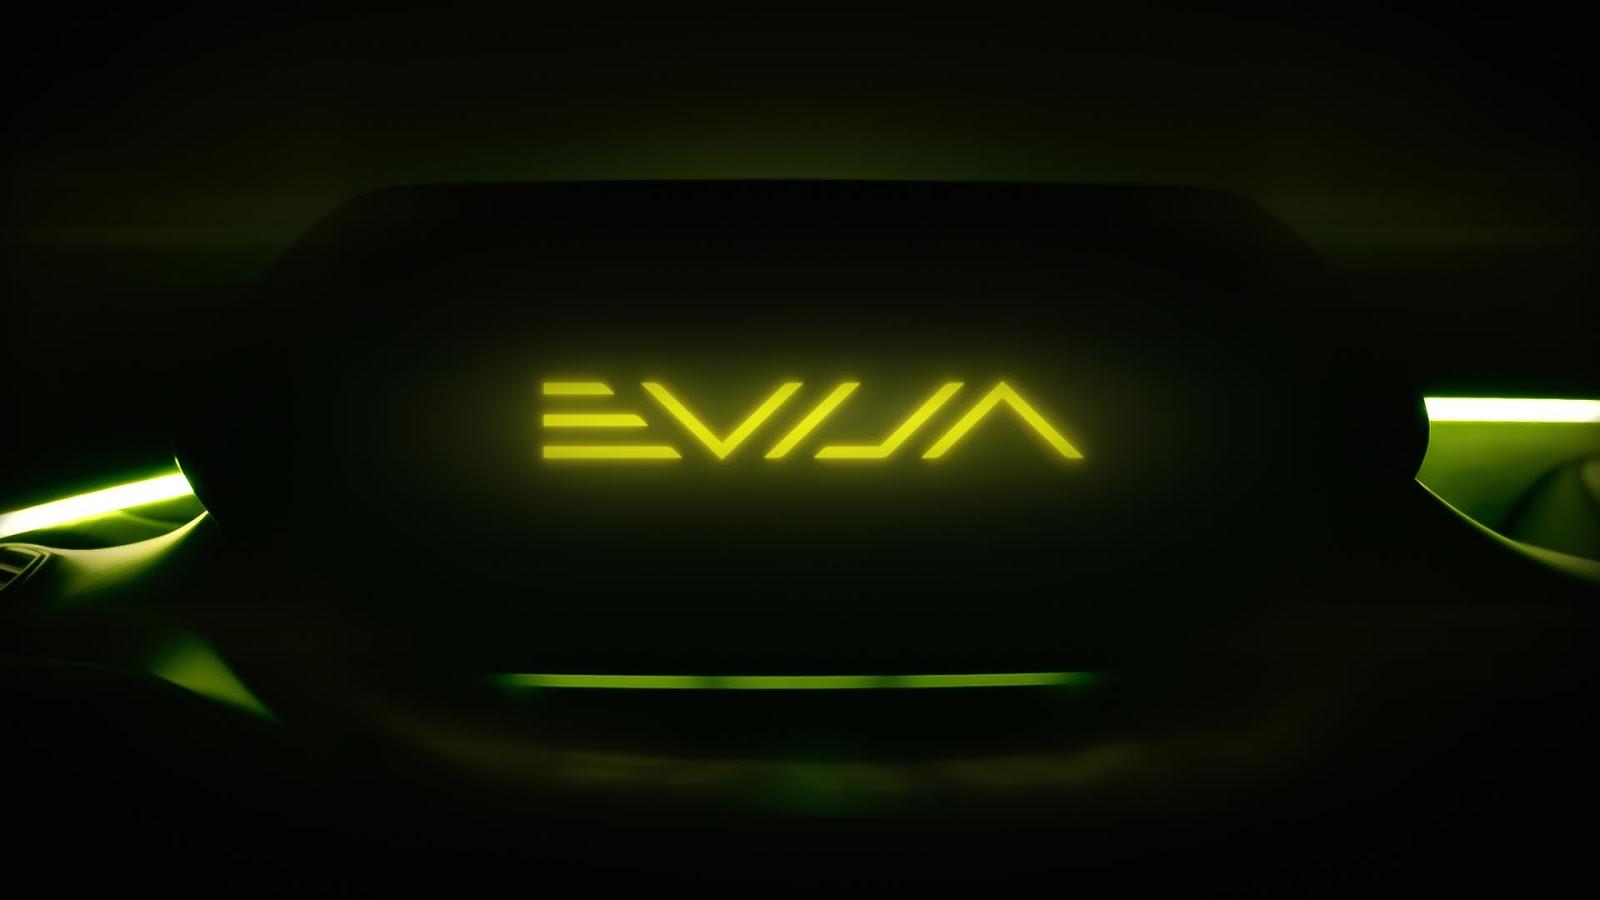 El futuro hypercar eléctrico de Lotus — Lotus Evija